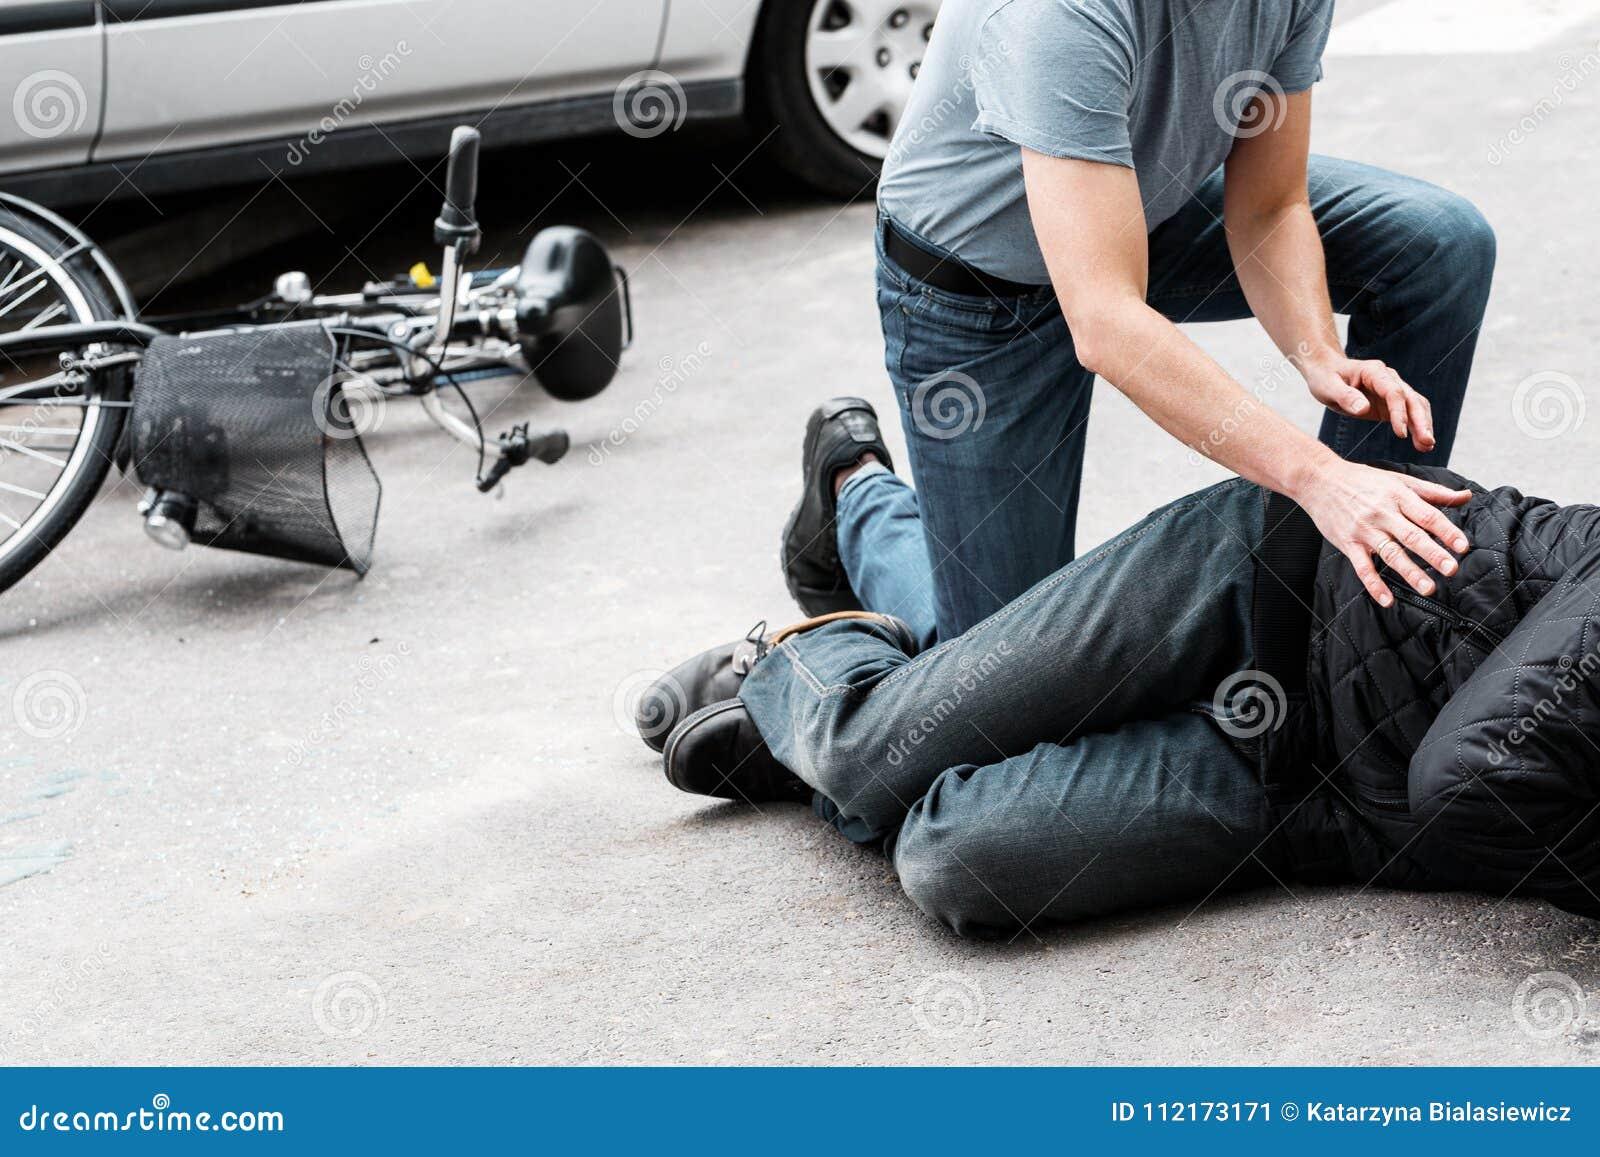 Voet helpend ongevallenslachtoffer